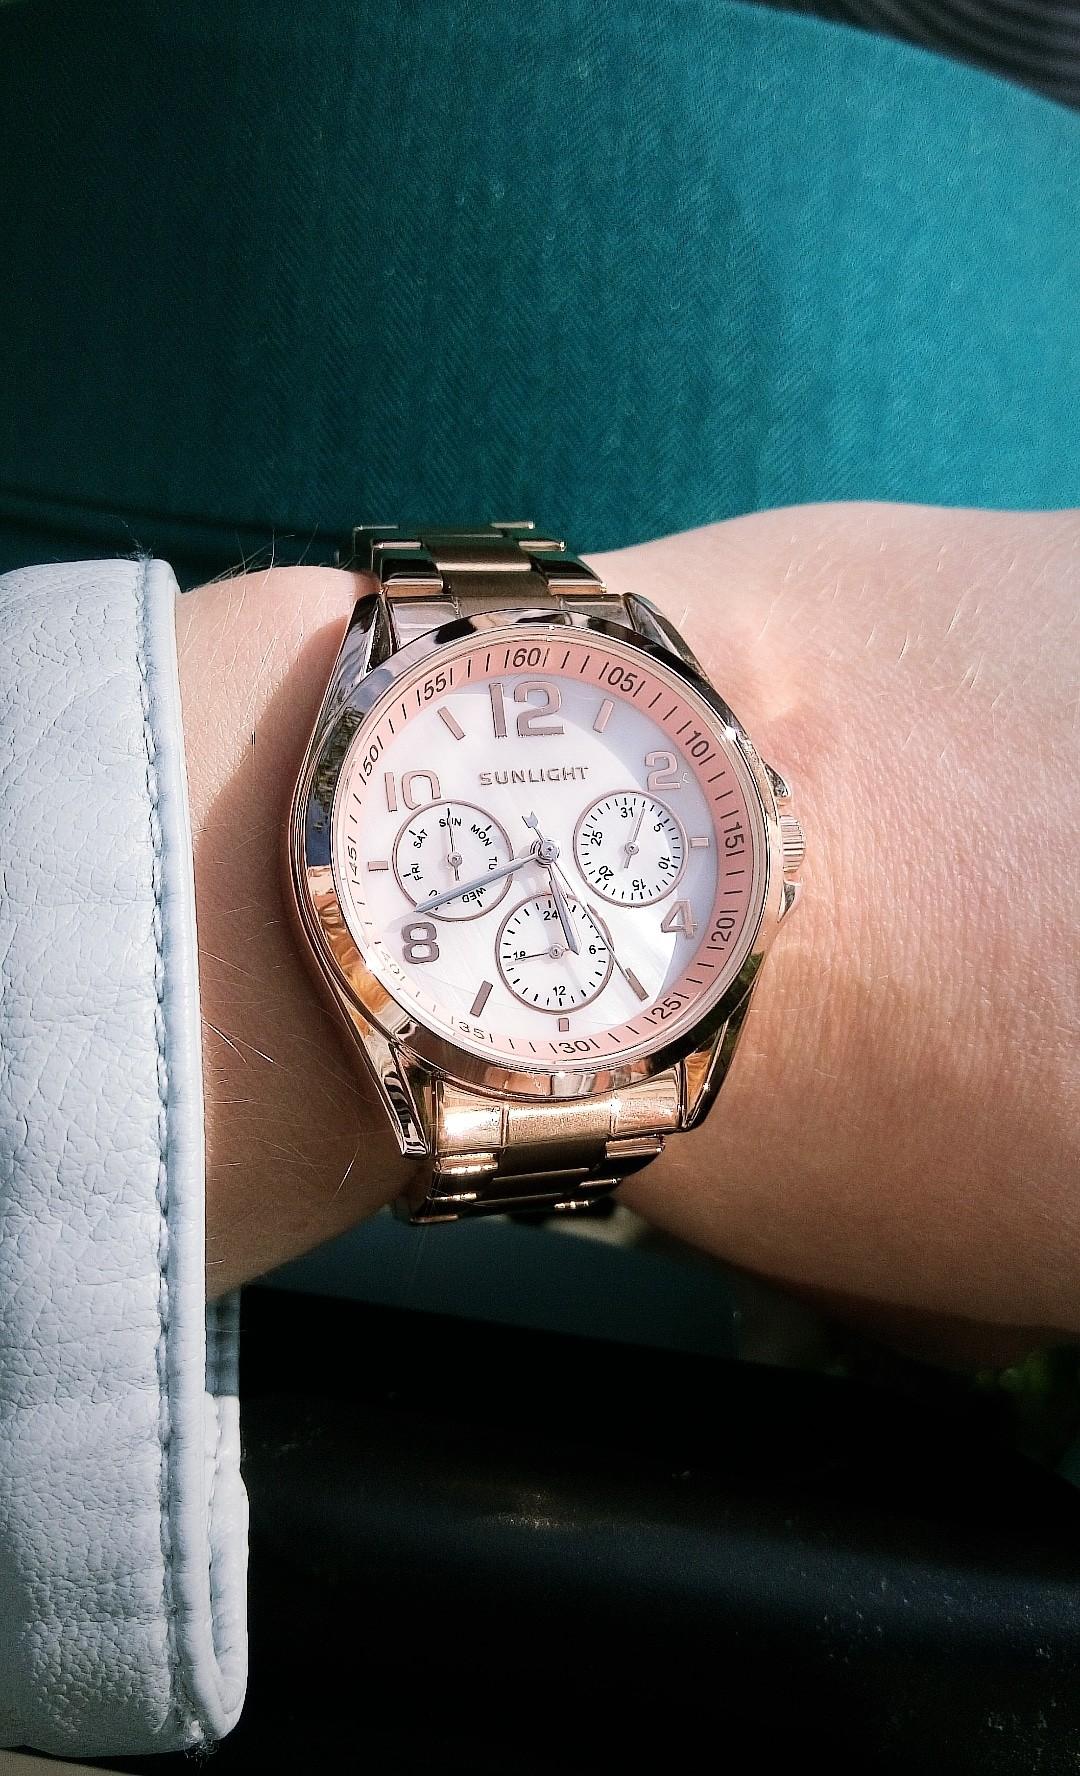 Мои любимые часы! Ношу постоянно.